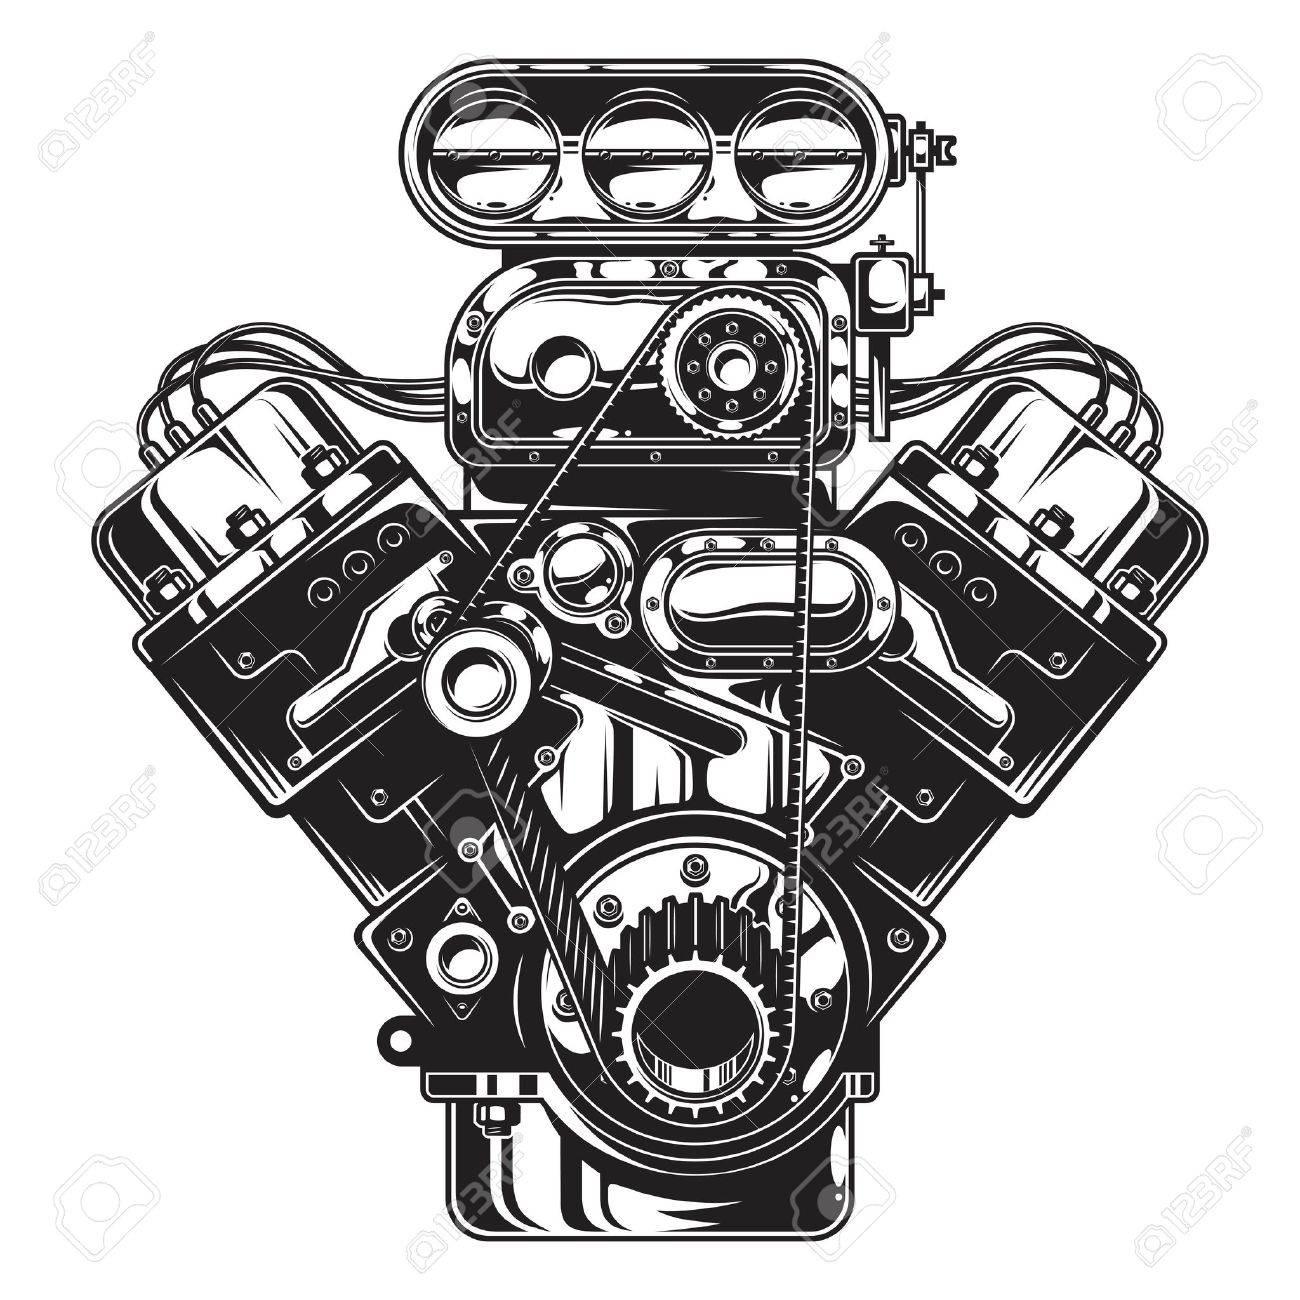 Isolierte Darstellung Der Auto-Motor Auf Weißem Layout. Lizenzfrei ...